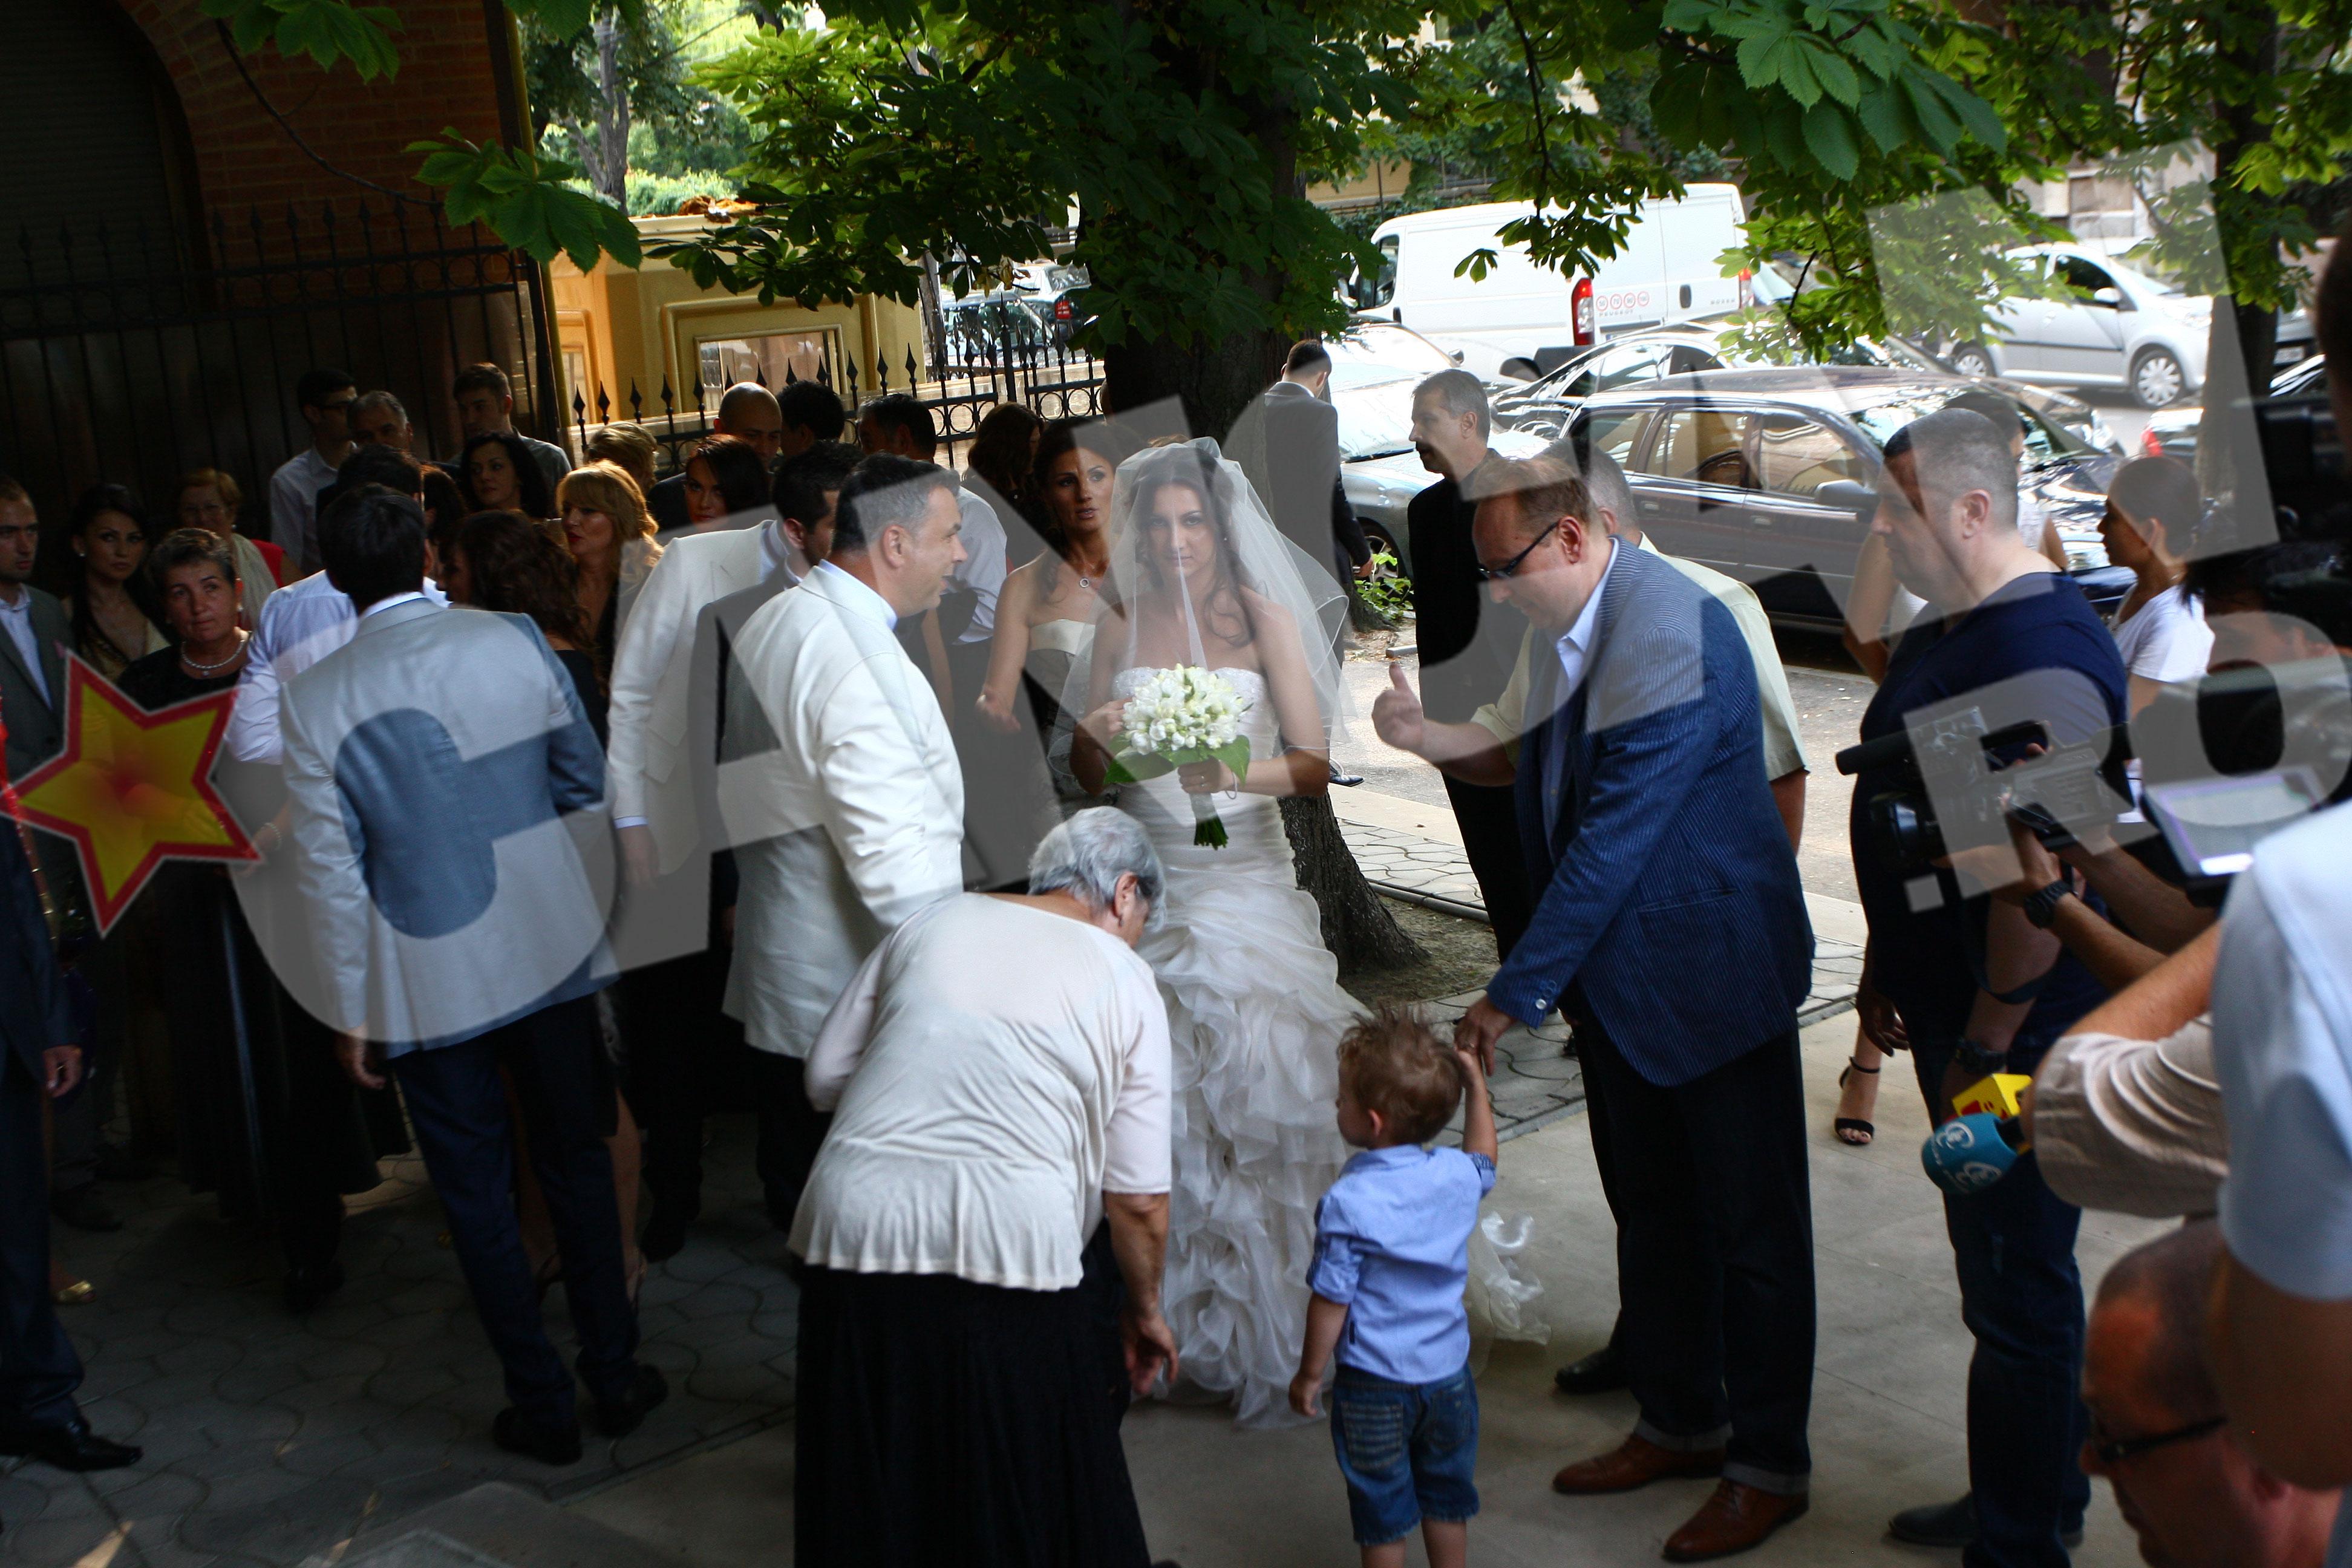 Victor Piturca e mandru nevoie mare, caci fiica lui, Claudia, s-a casatorit